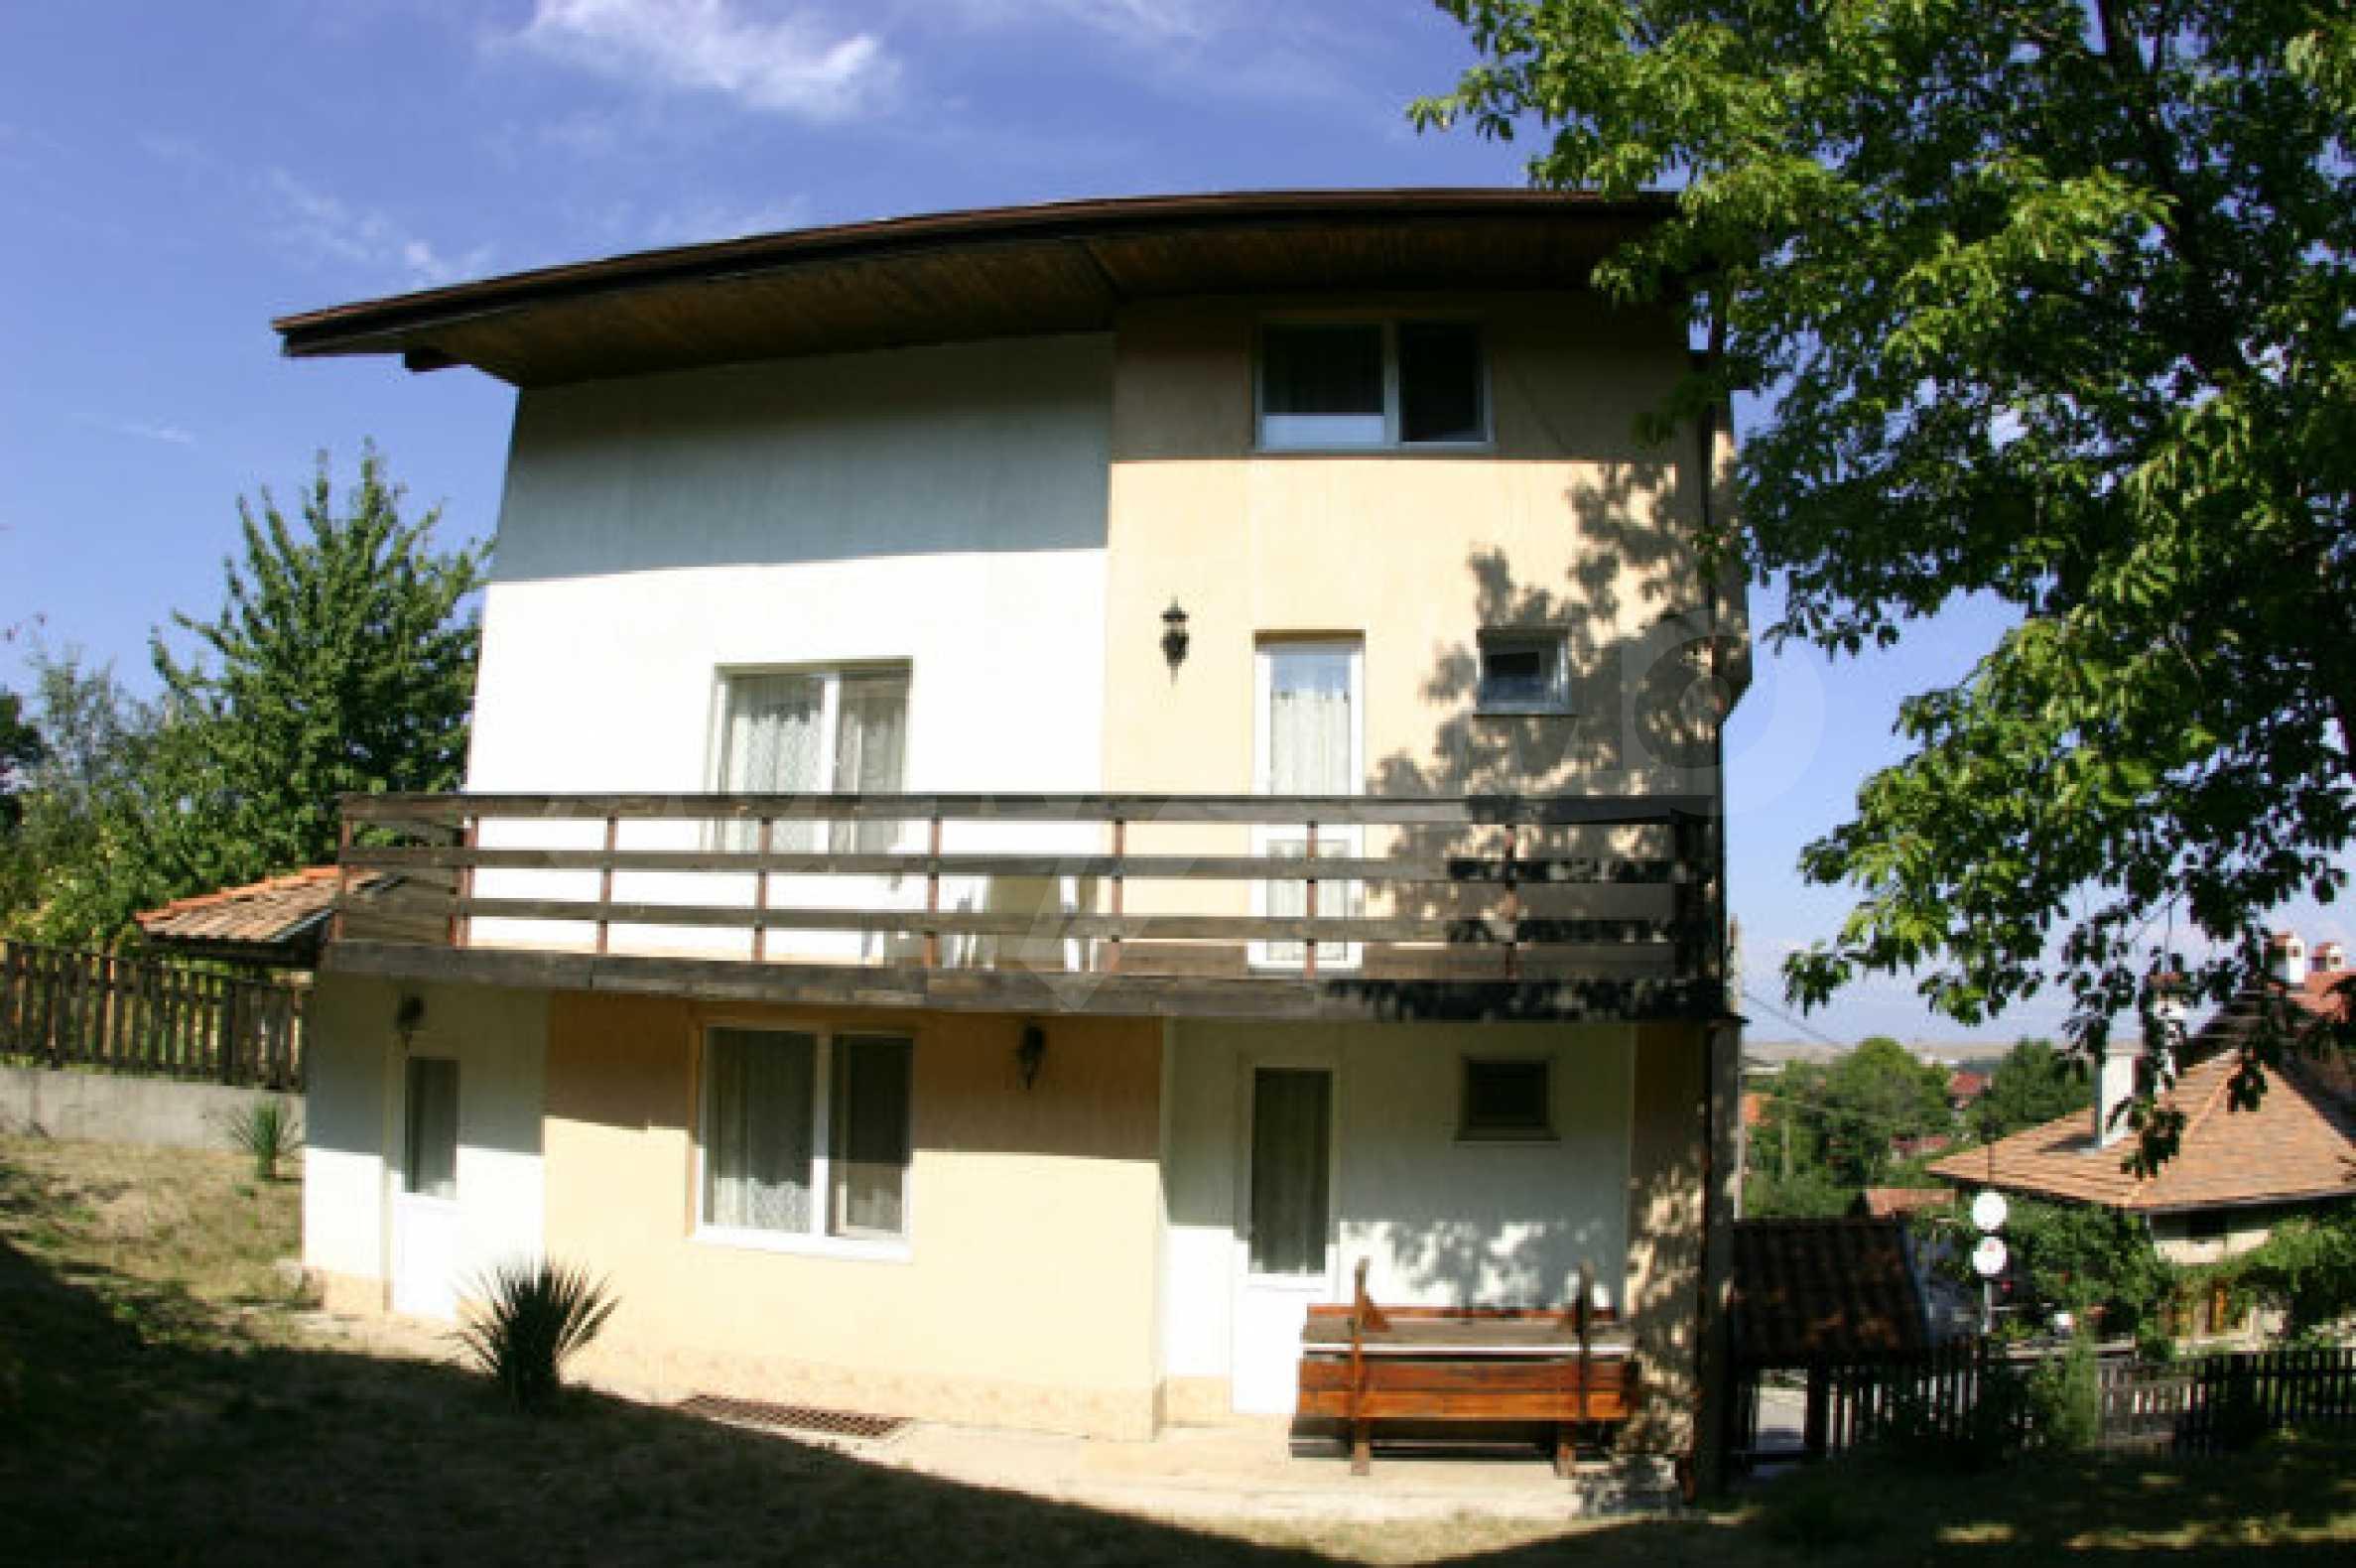 Familienhotel zum Verkauf in Dobrinischte, 6 km von Bansko entfernt 1